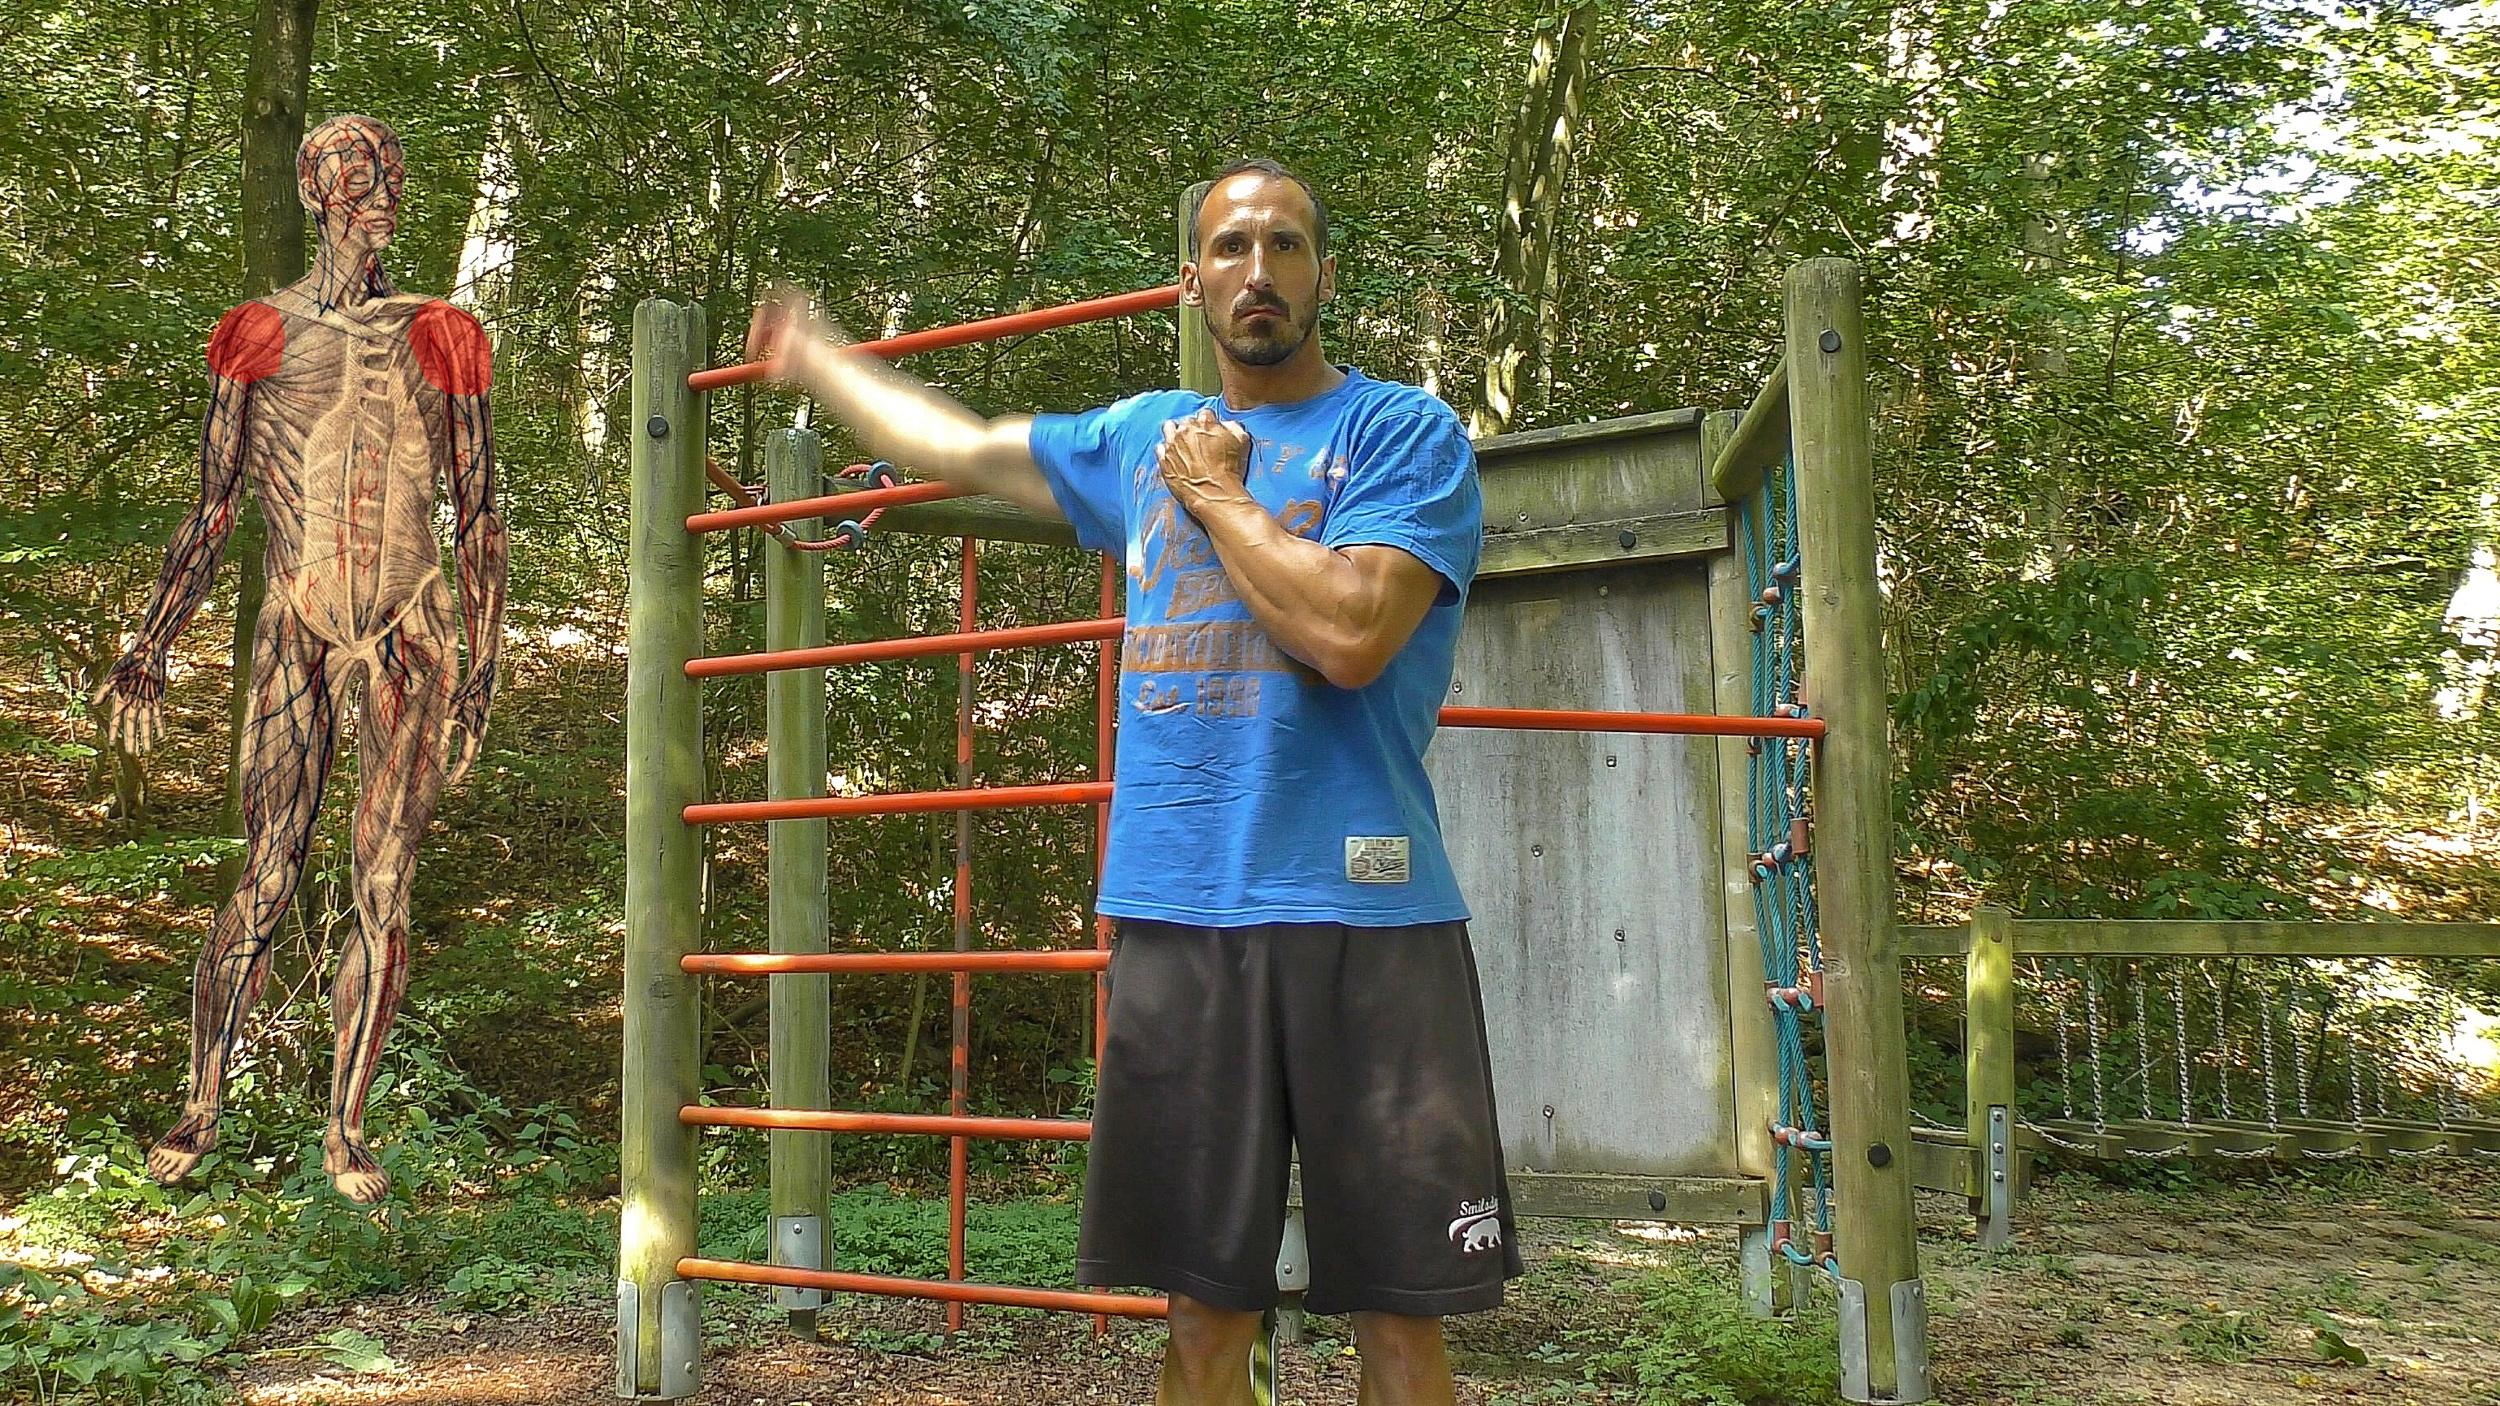 Verletzungsprophylaxe durch Beweglichkeit - Übung 10 - Armkreisen vorwärts, rückwärts, gegengleich - Schulter